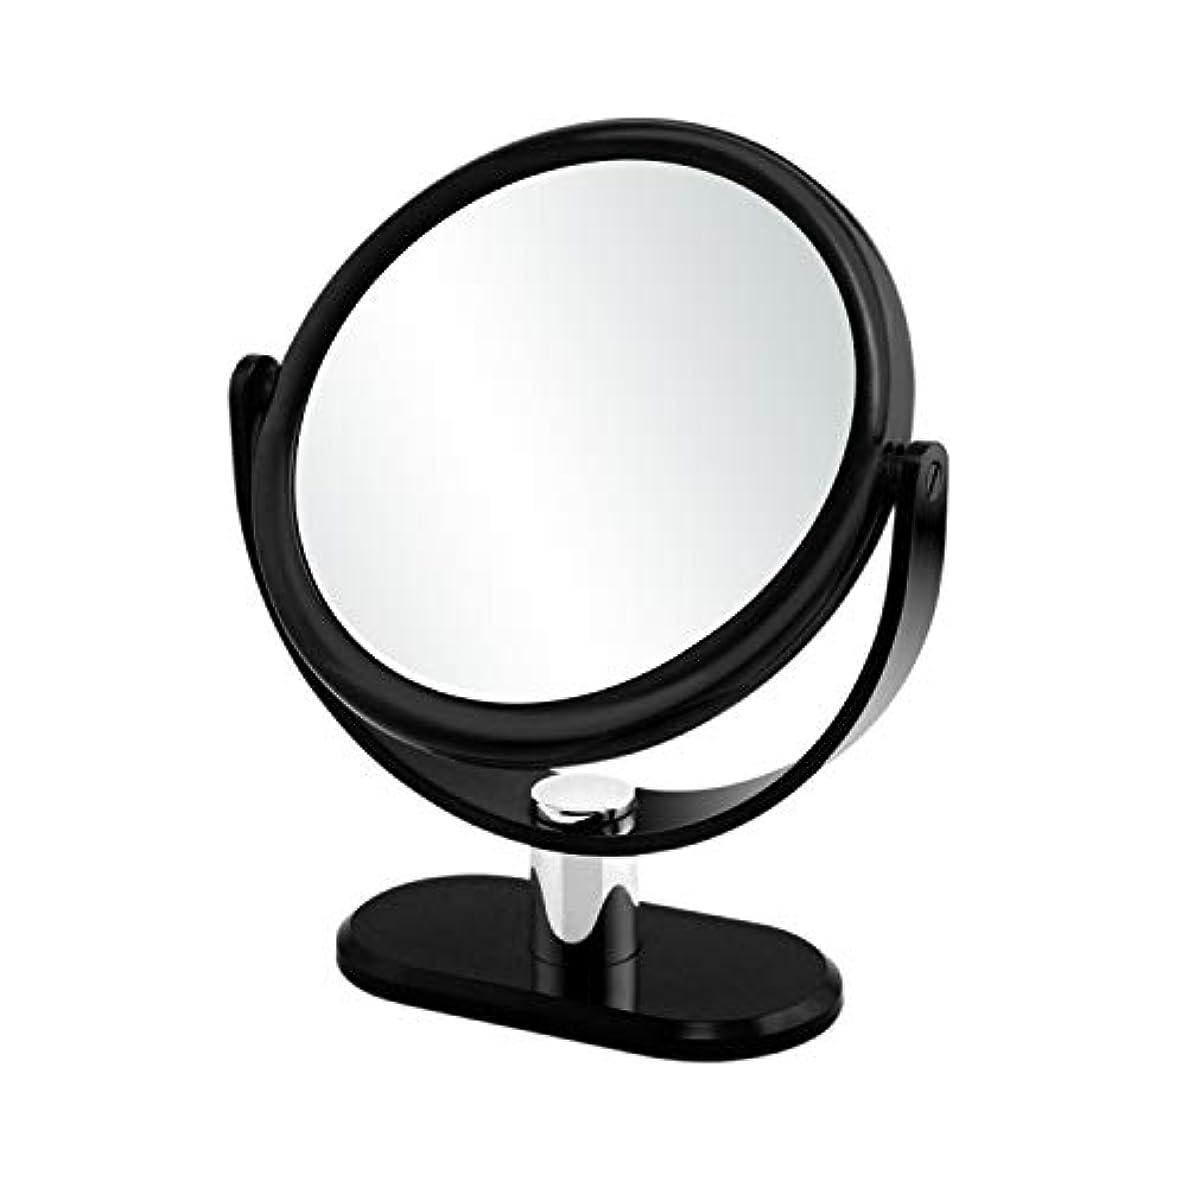 信頼酔って現金GorwRich ブラック卓上鏡 化粧鏡 スタンドミラー 女優ミラー 卓上ミラー 両面鏡 7倍拡大鏡と等倍鏡